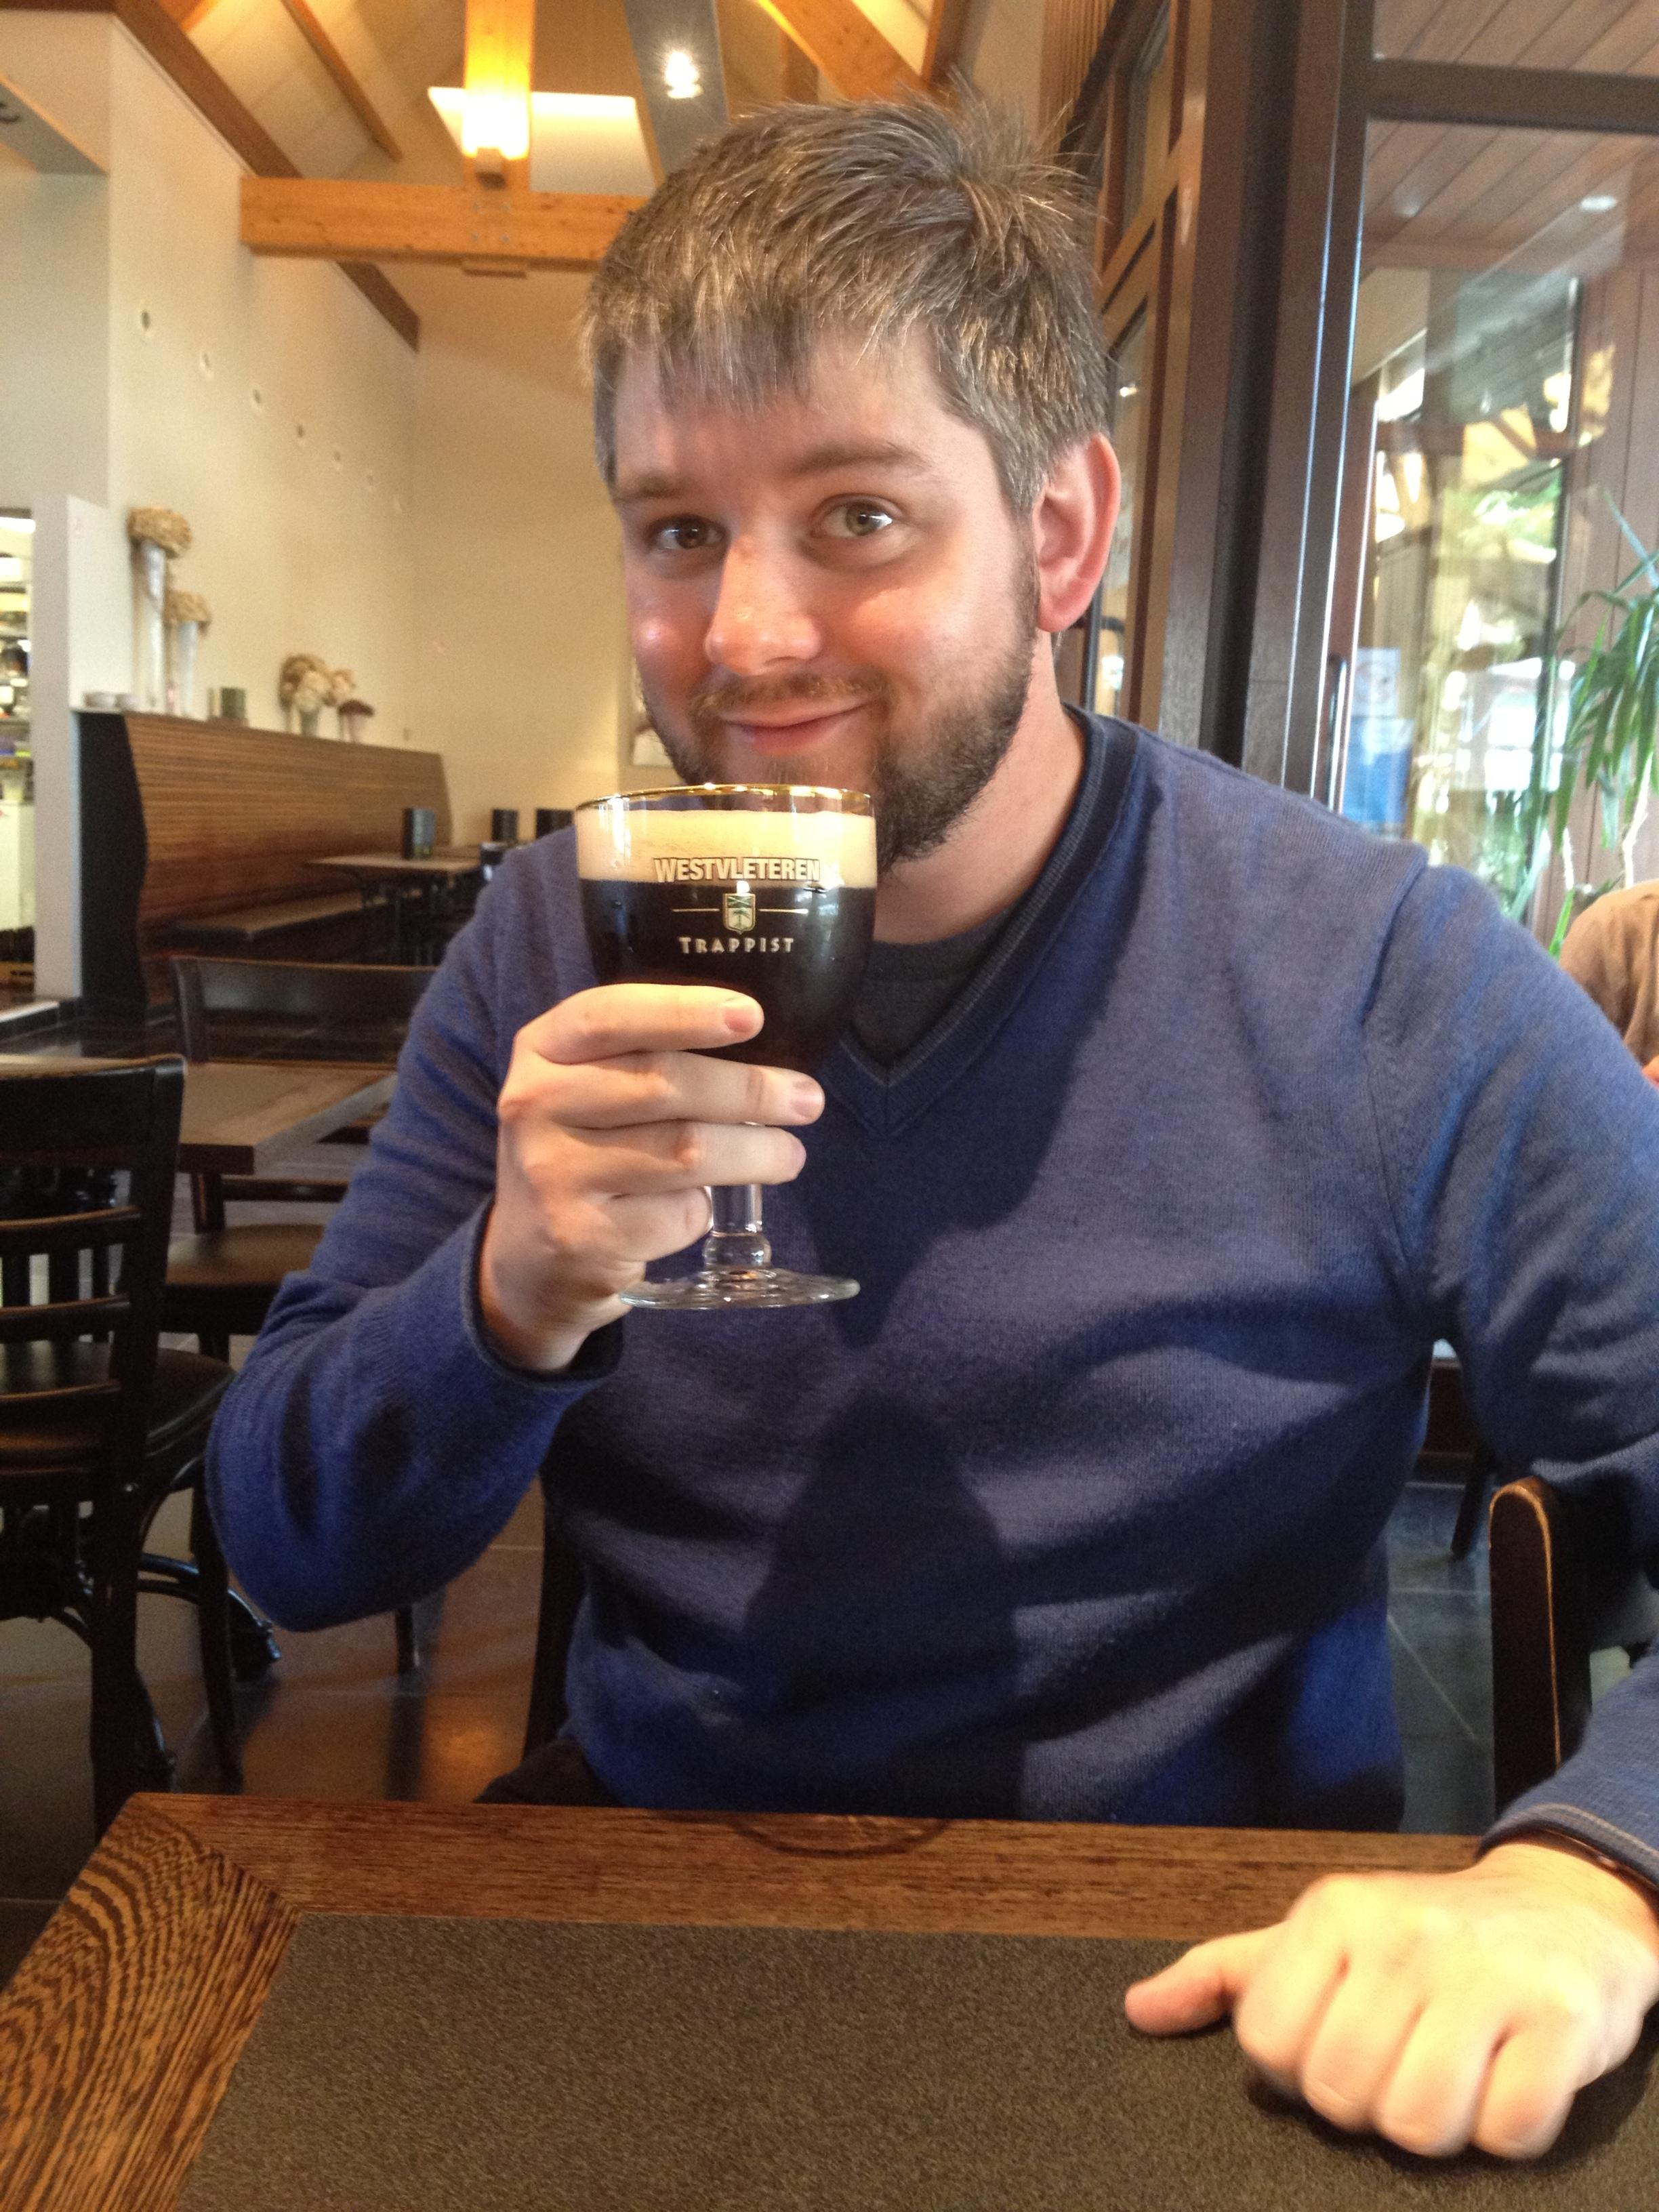 Paul Deines drinking Westvleteren 12, September 2012